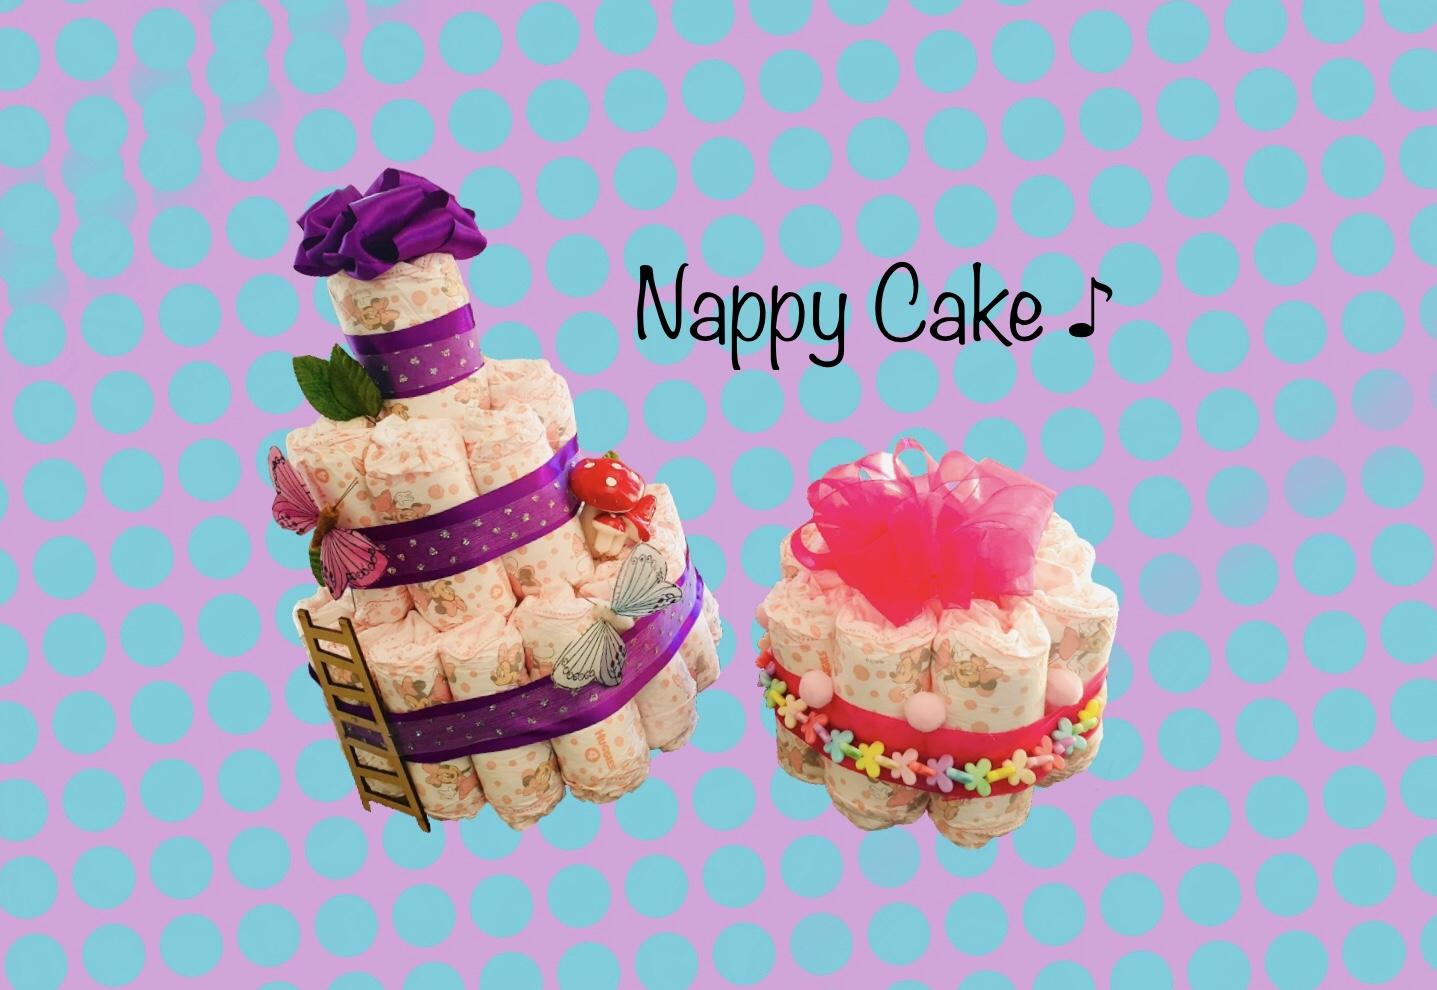 出産祝にオムツのケーキ (Nappy Cake)を作ってみた!